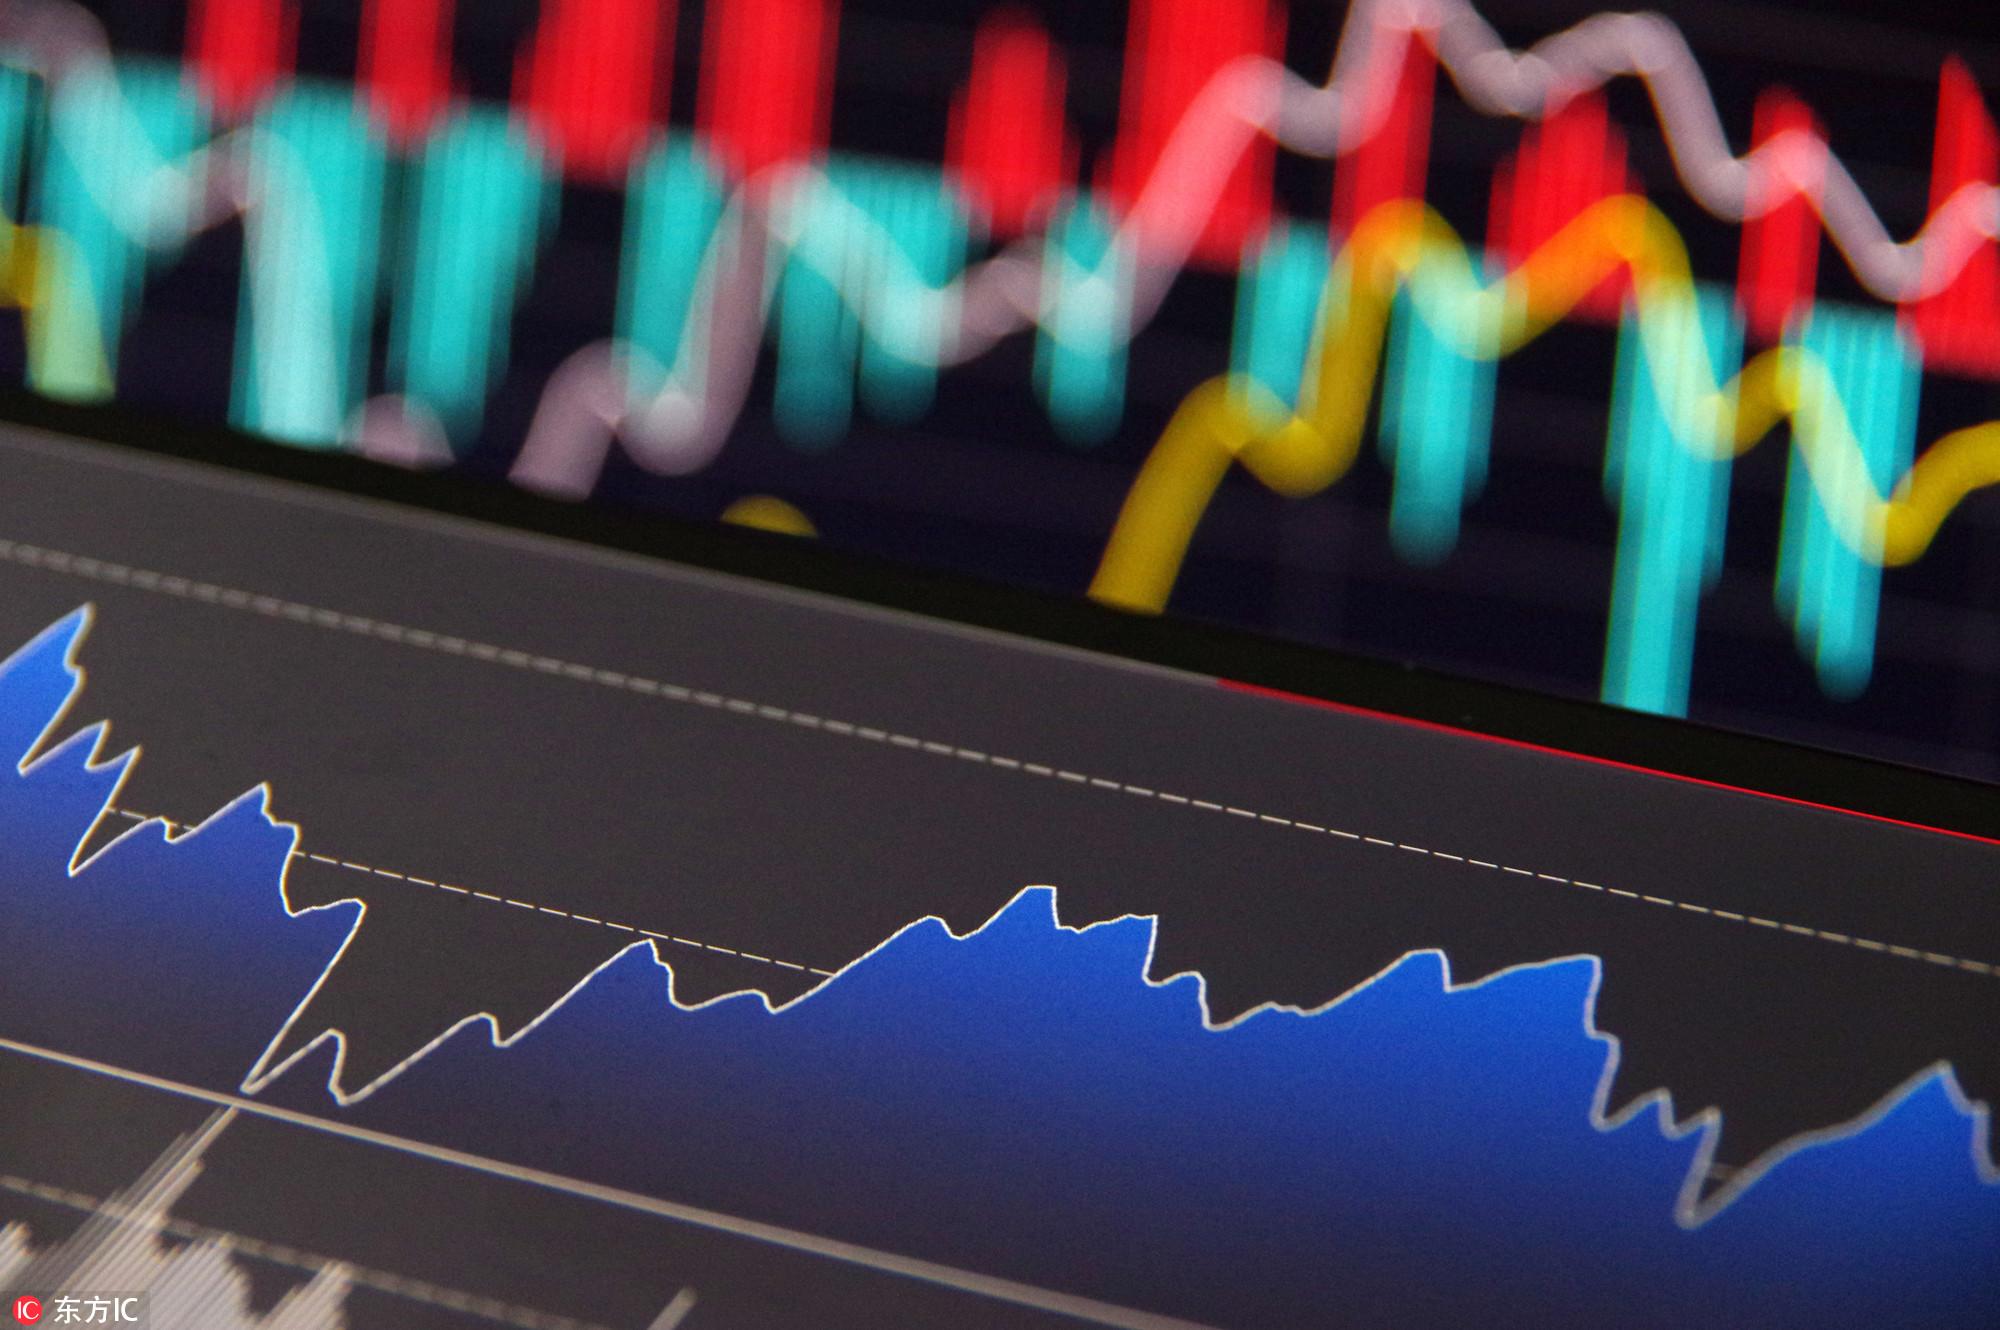 港股复盘:恒指时隔10个月站上3万点,东方航空冲高回落至涨3%